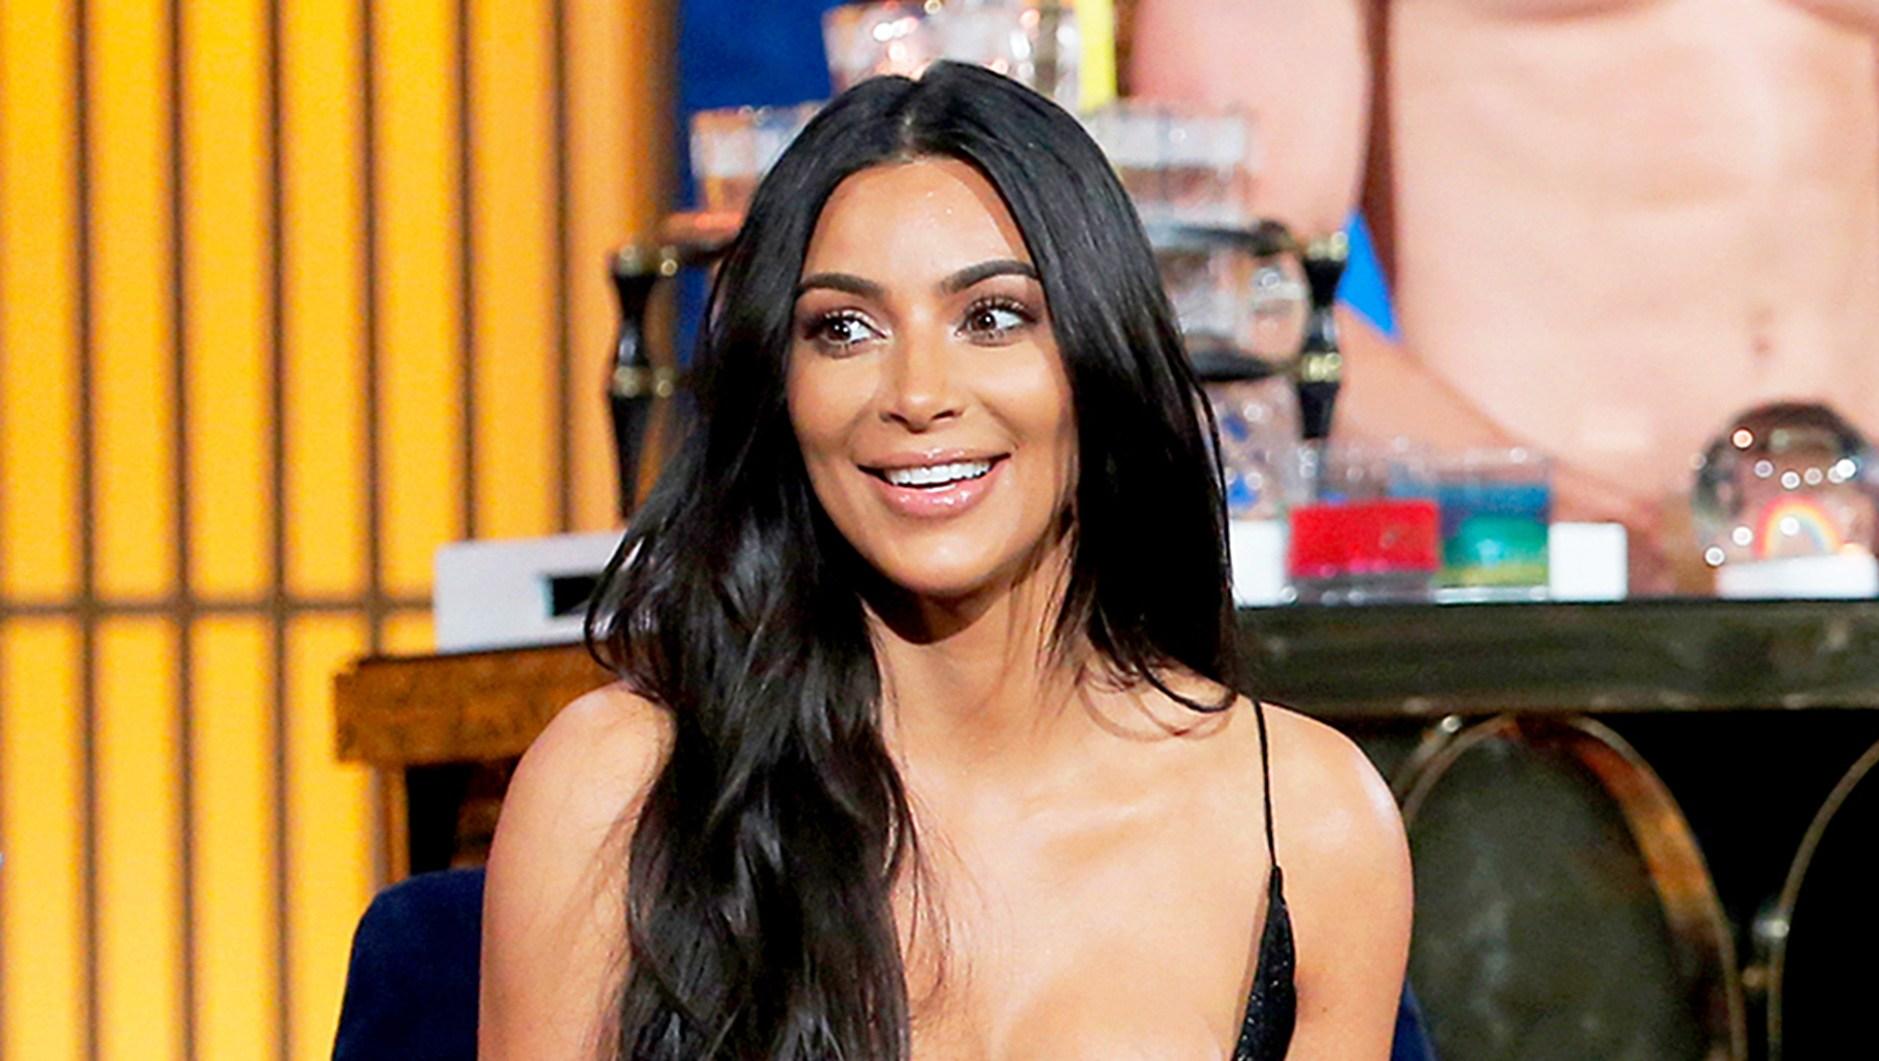 Kim Kardashian on 'Watch What Happens Live'